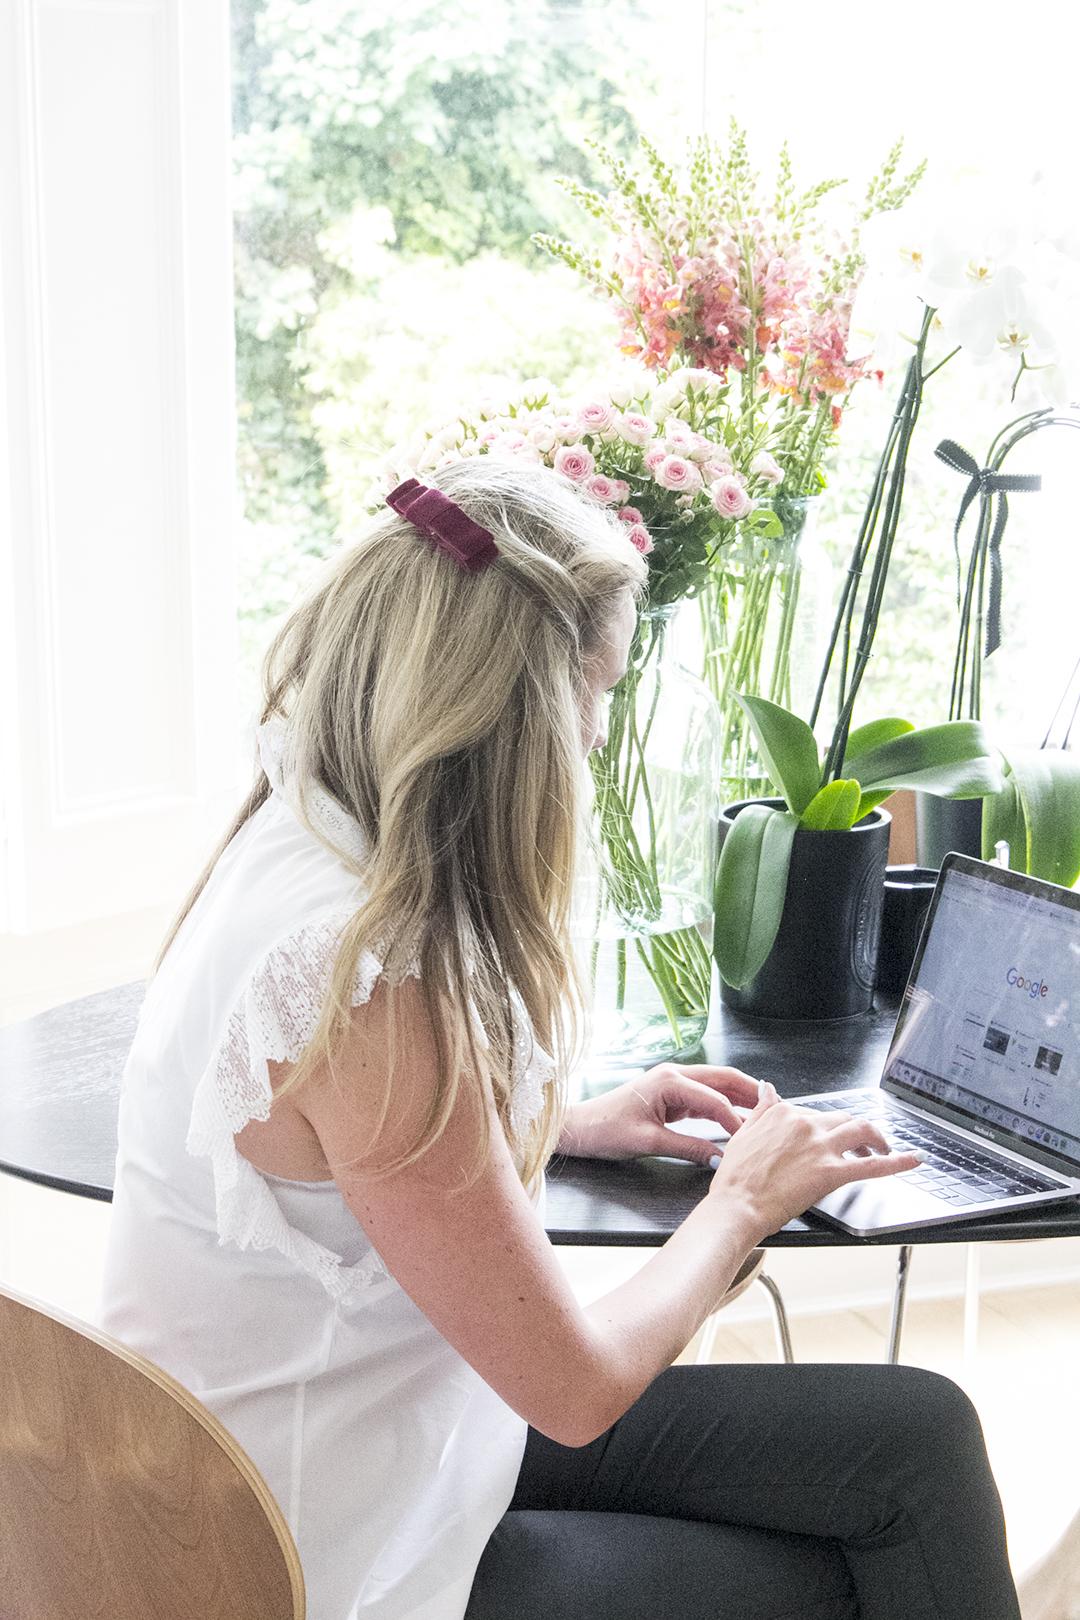 Ruuby founder, Venetia Archer